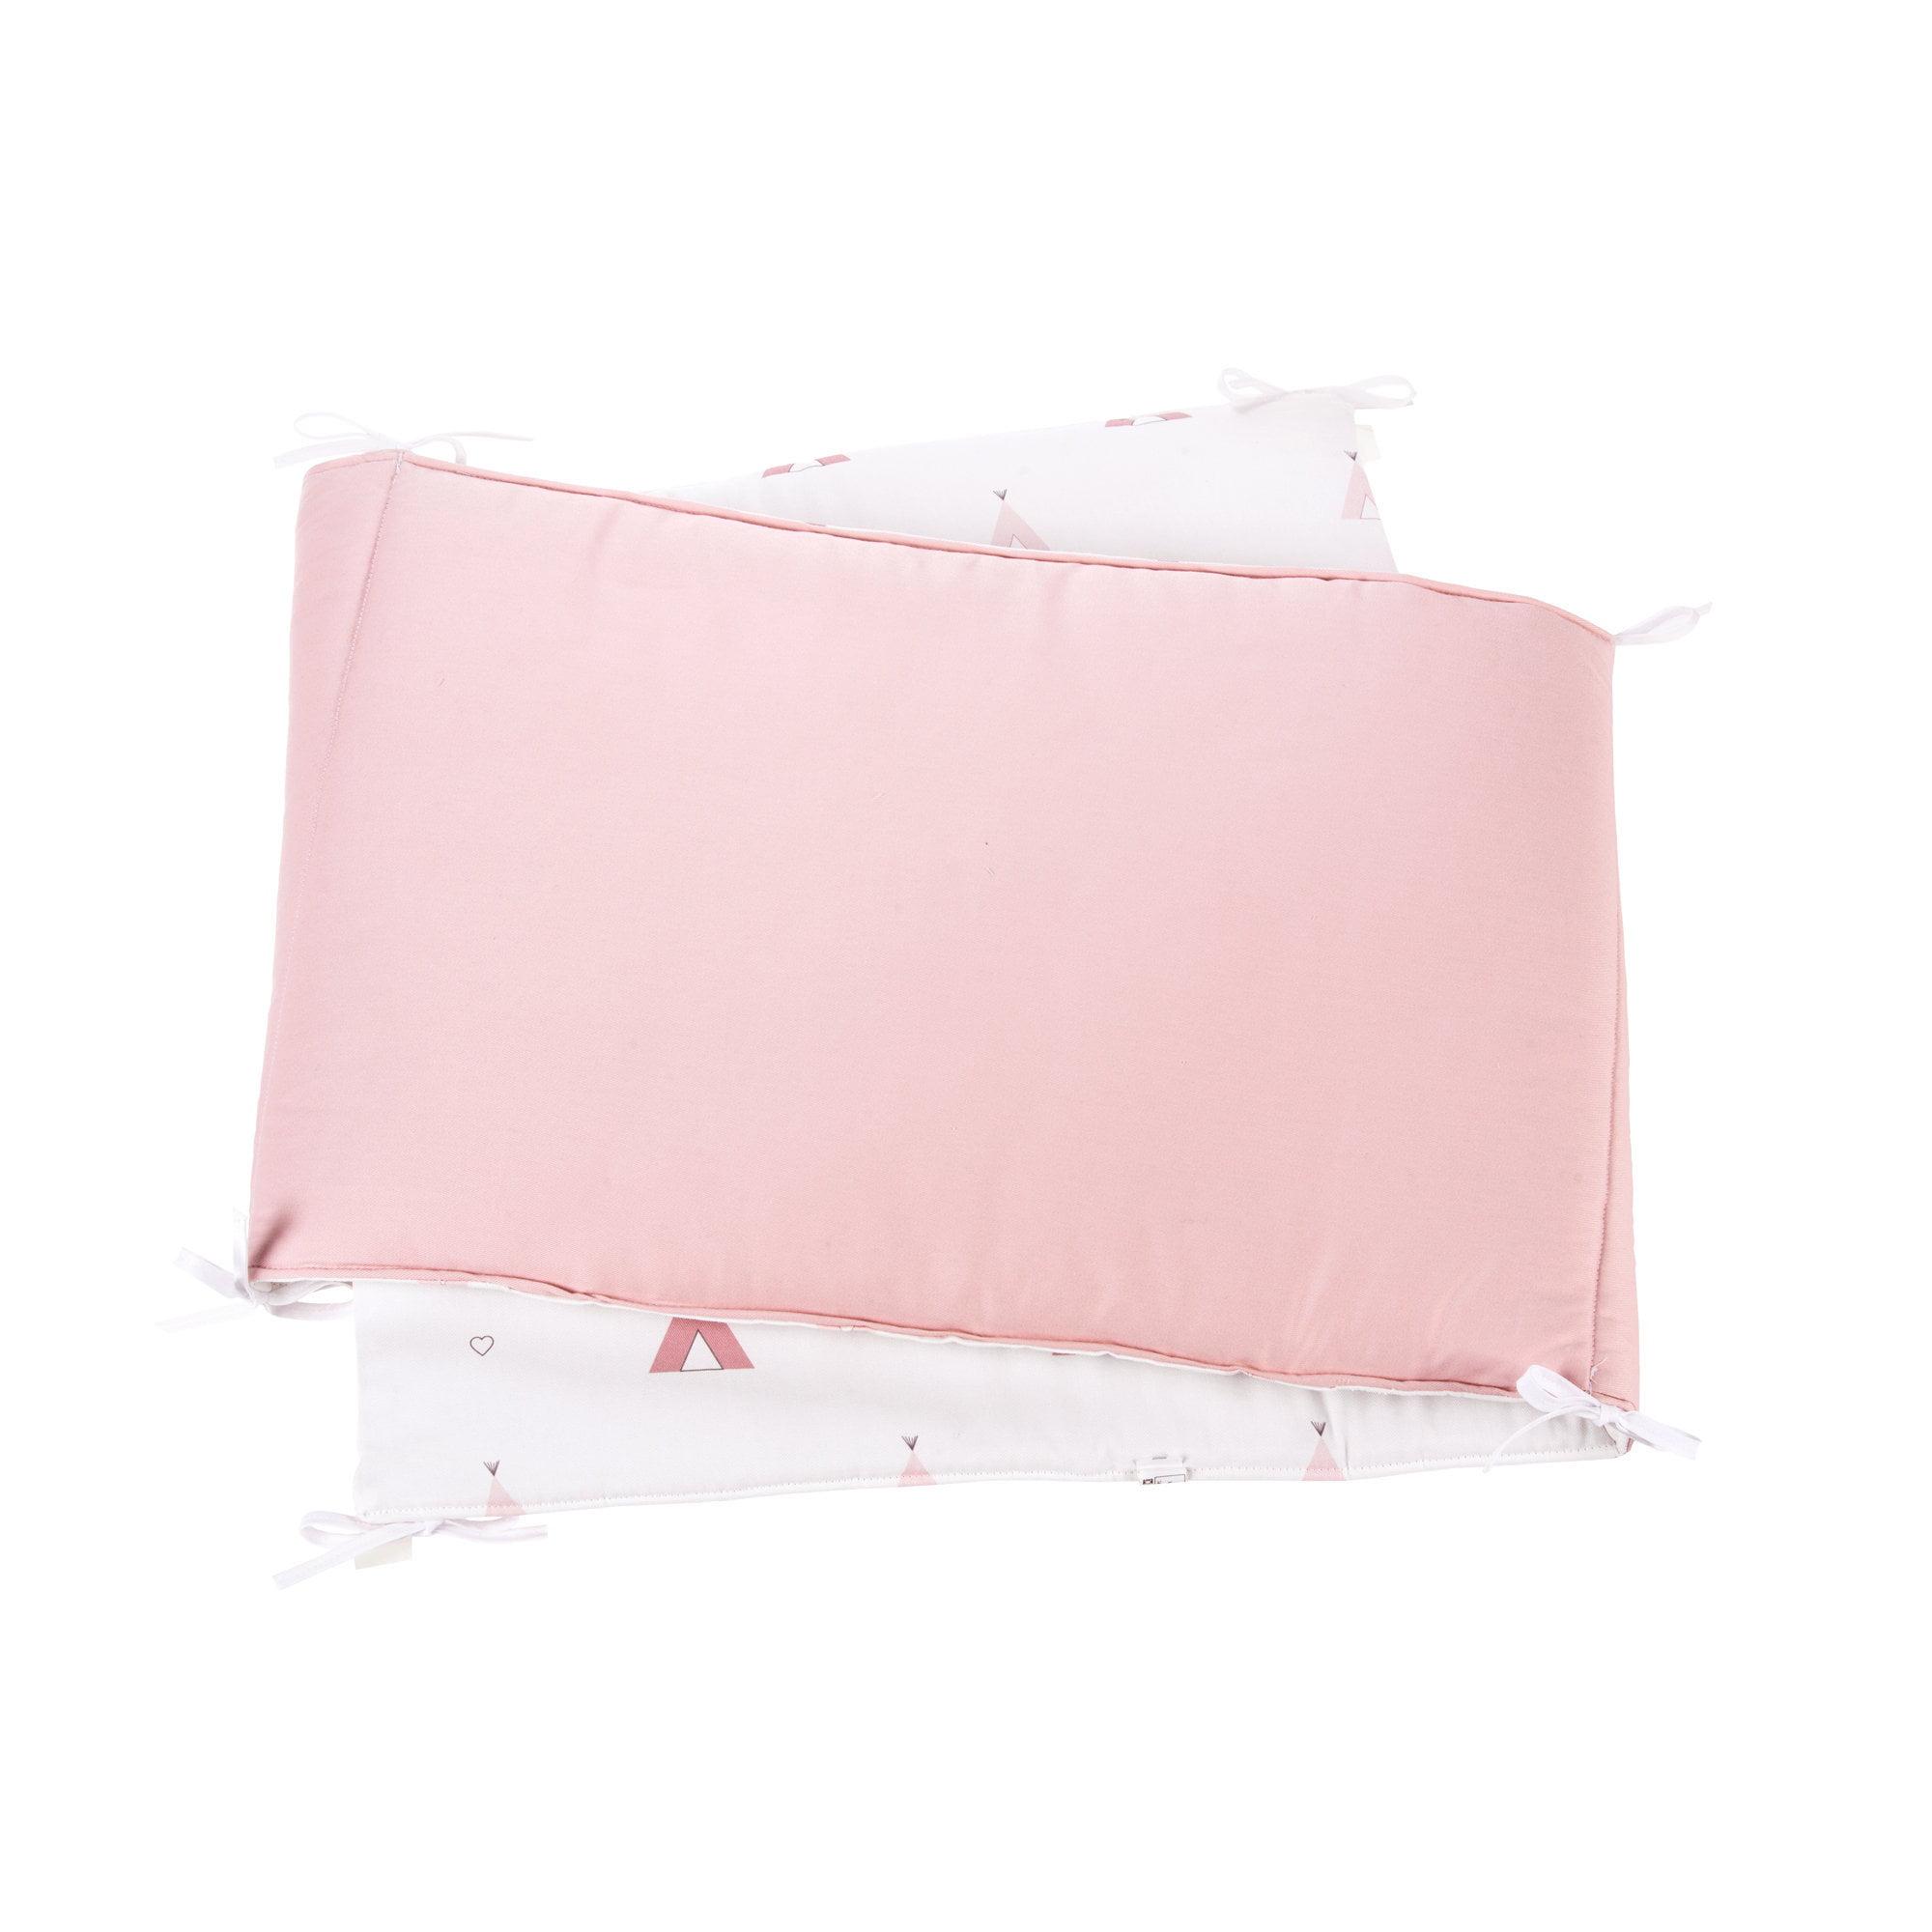 Protector chichonera para cuna de bebé con estampado de cabañas de indio en rosa